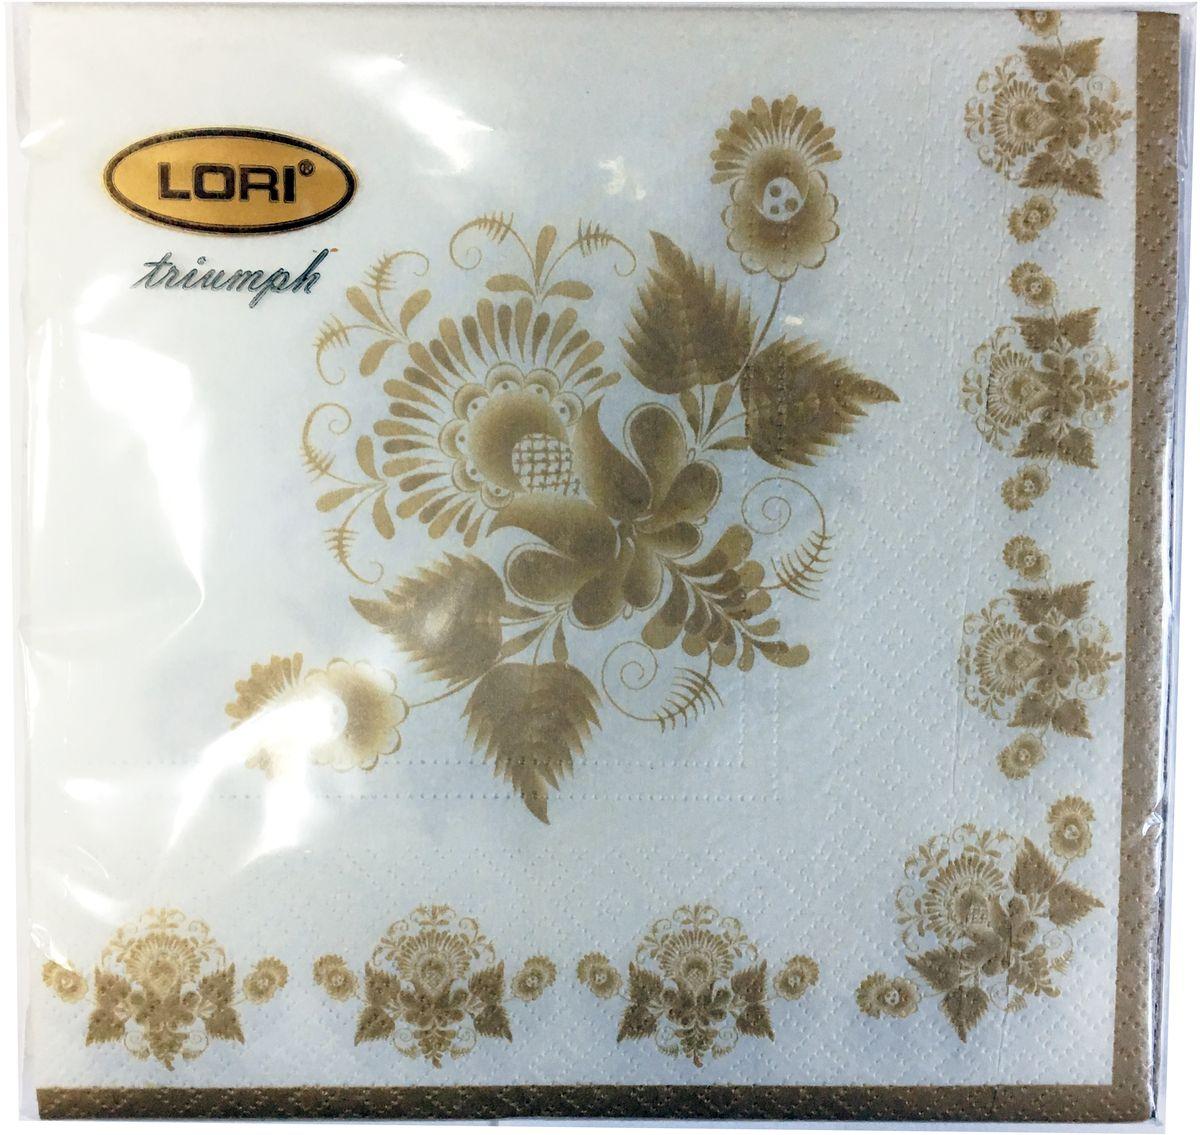 Салфетки бумажные Lori Triumph, трехслойные, цвет: коричневый, белый, 33 х 33 см, 20 шт. 5625456254Декоративные трехслойные салфетки Lori Triumph выполнены из 100% целлюлозы и оформлены ярким рисунком. Изделия станут отличным дополнением любого праздничного стола. Они отличаются необычной мягкостью, прочностью и оригинальностью.Размер салфеток в развернутом виде: 33 х 33 см.